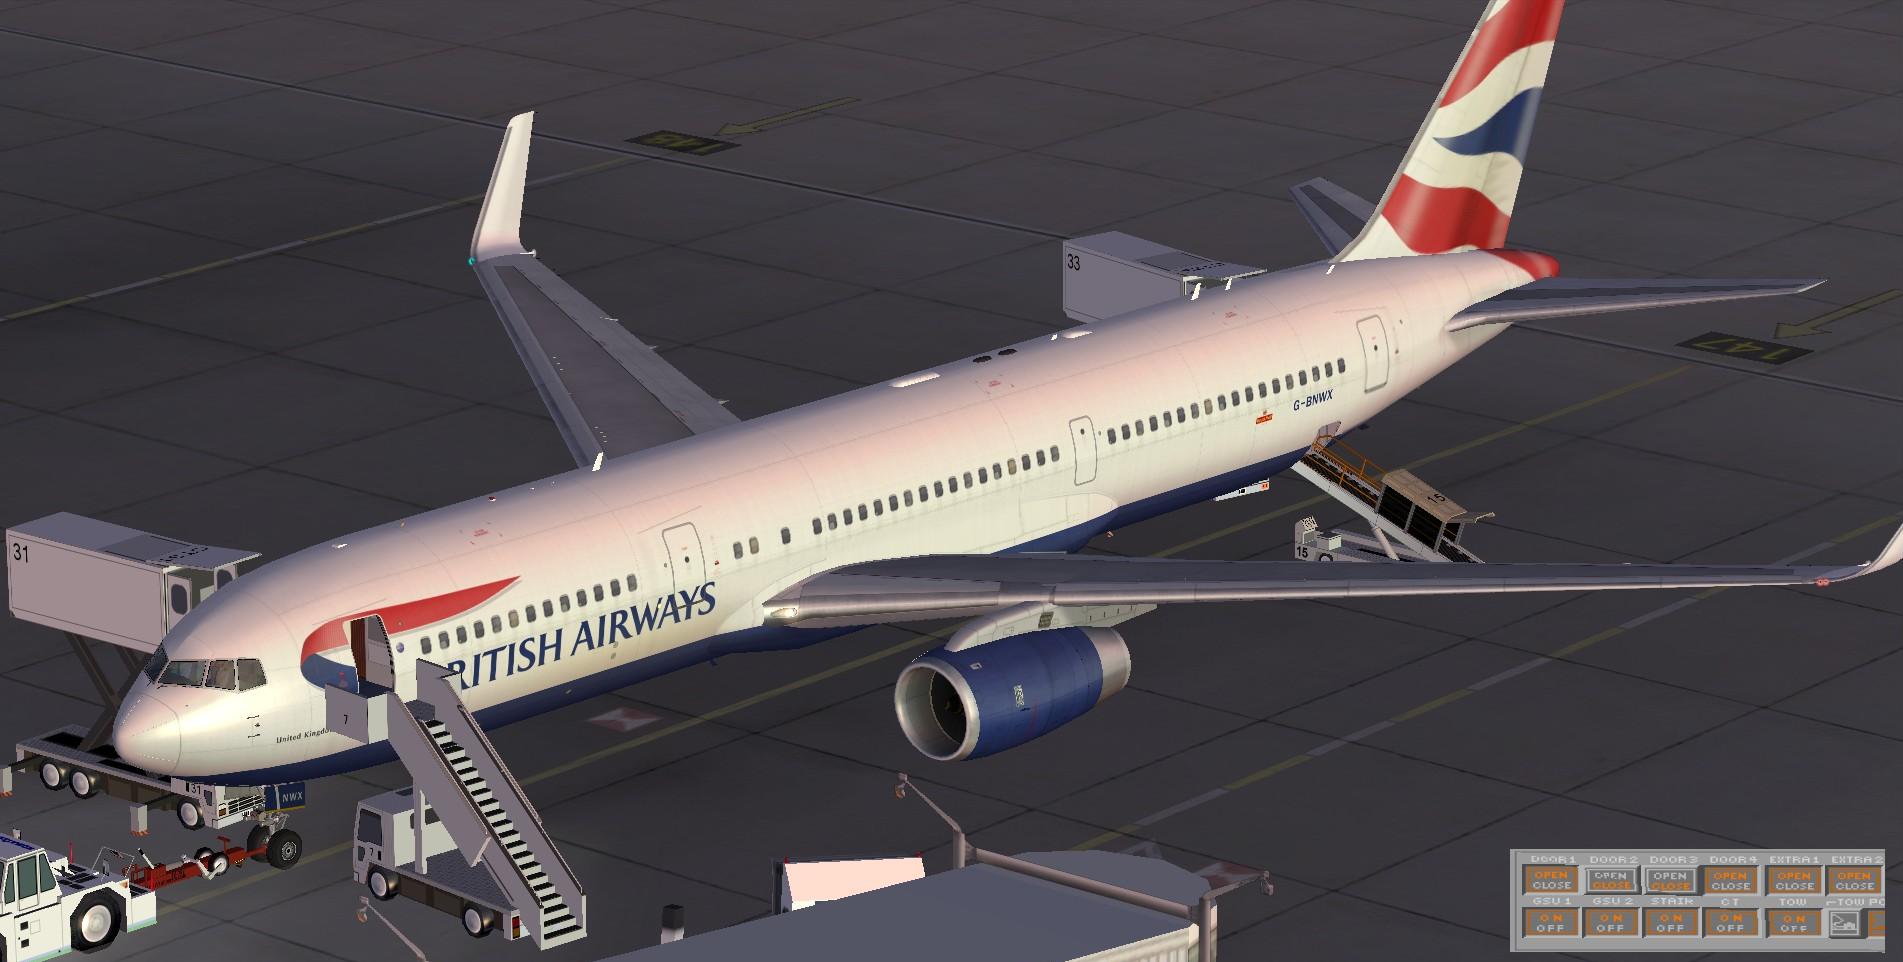 fs-freeware net - FSX Boeing 767-336/ER British Airways winglet with VC